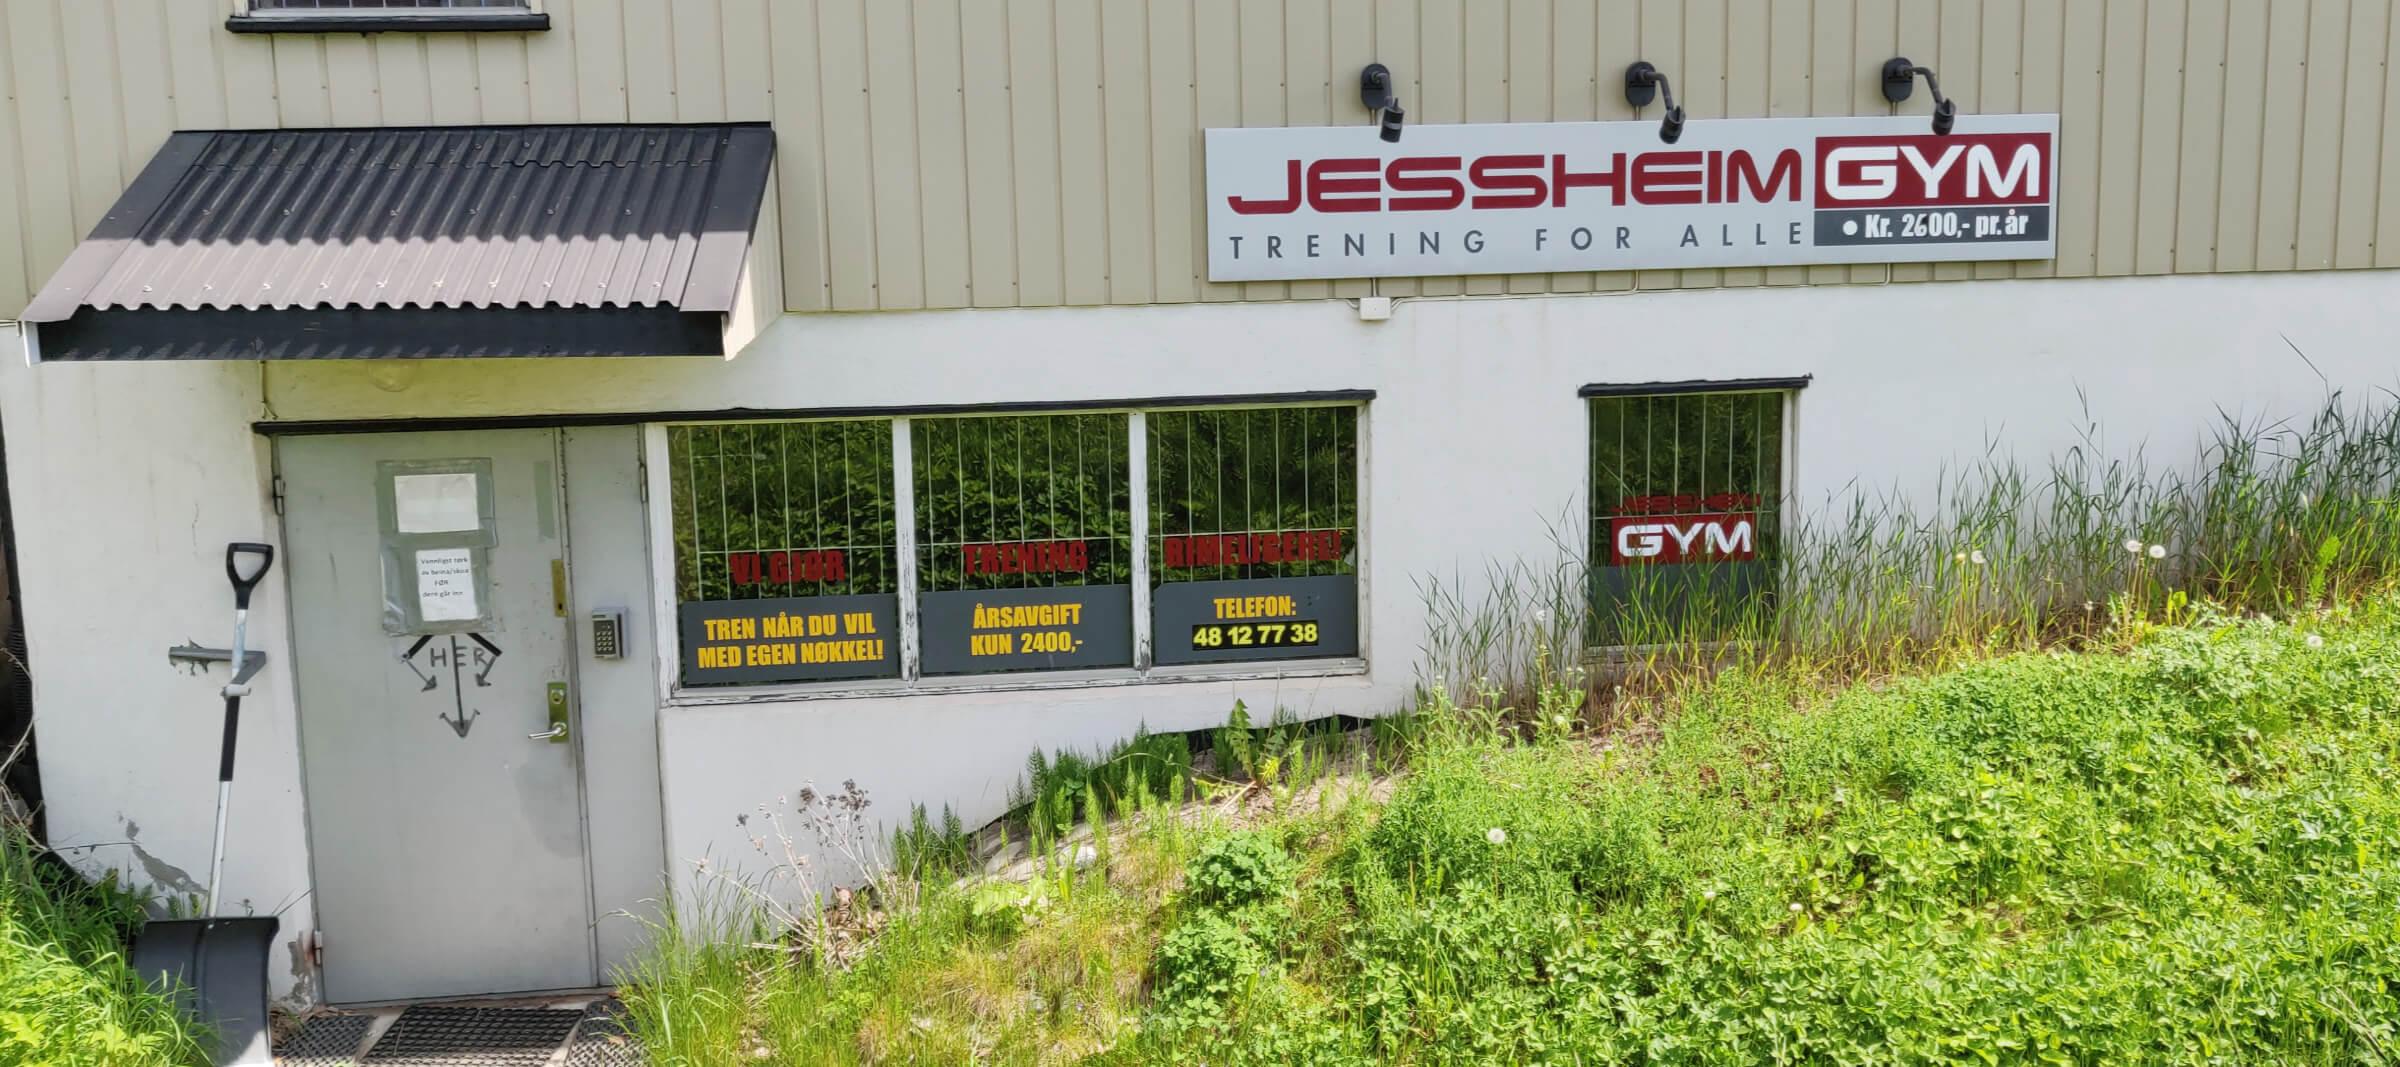 Jessheim Gym